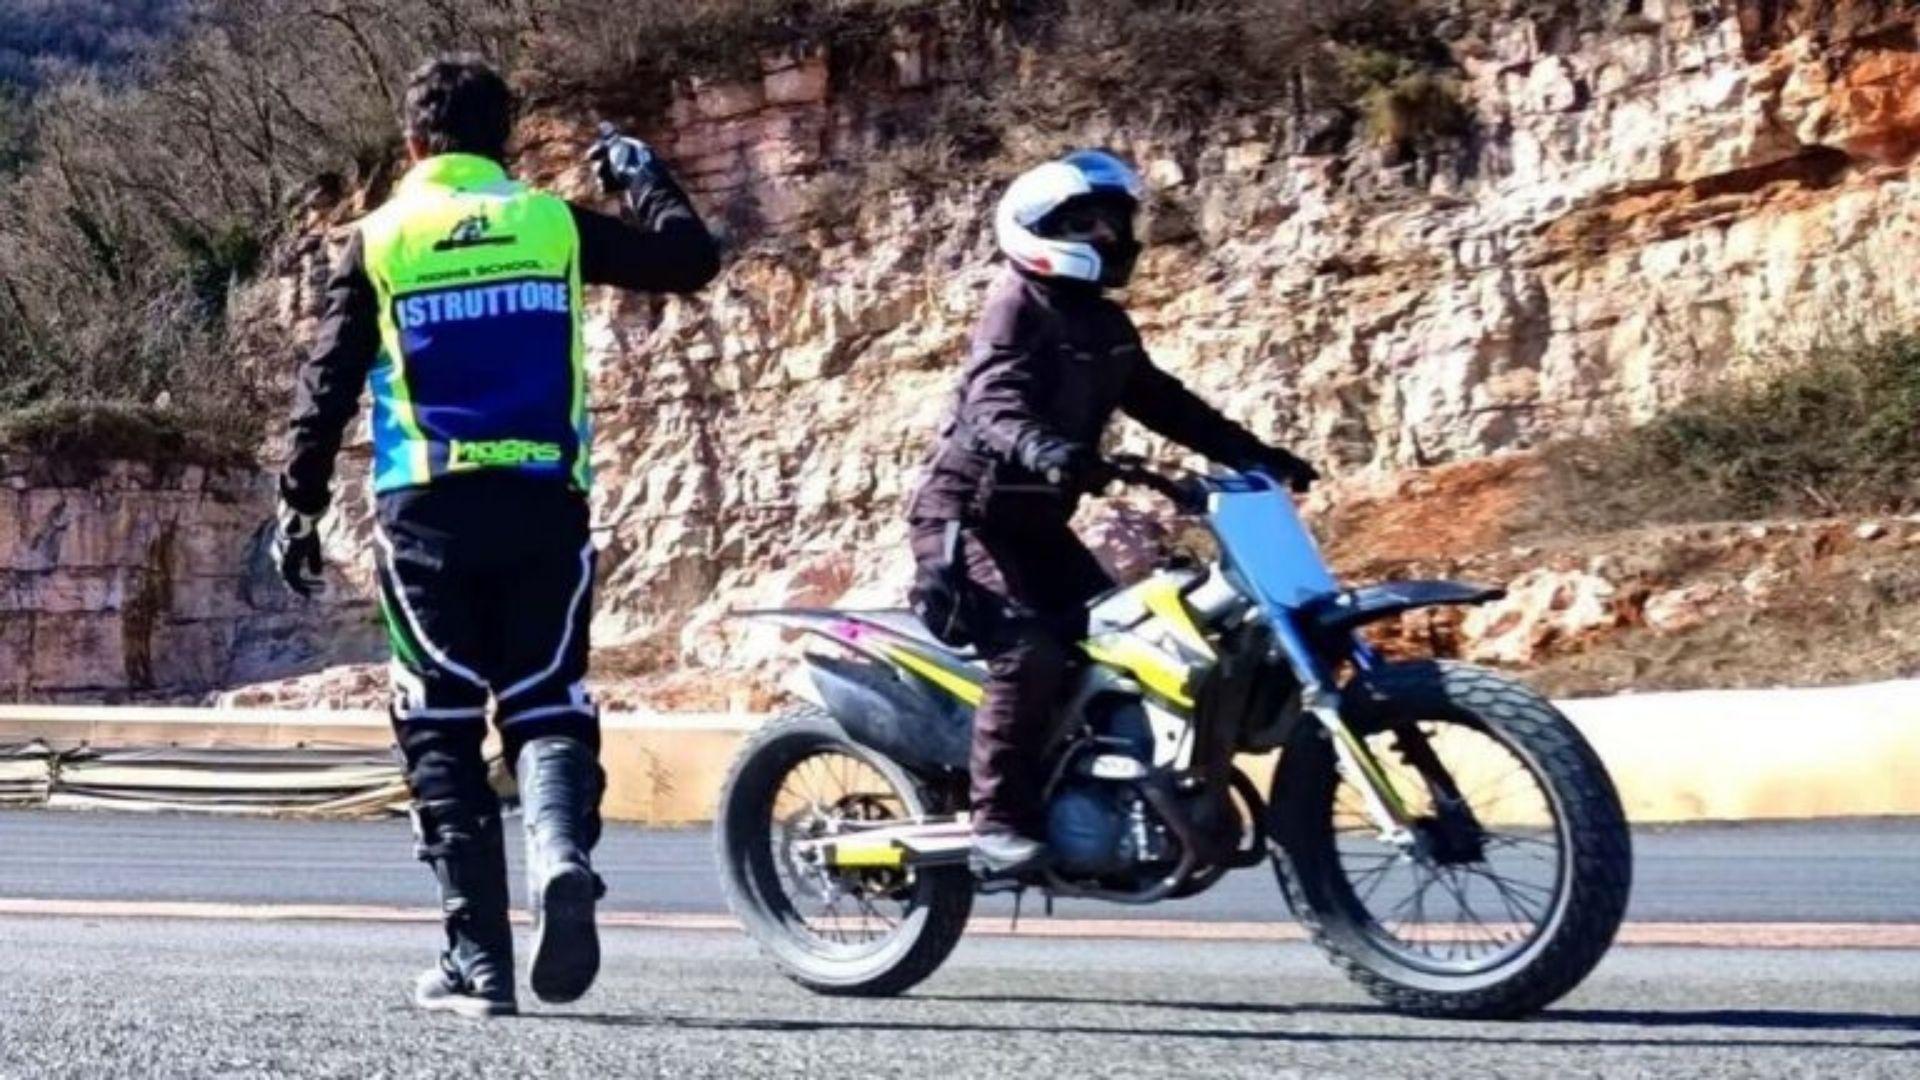 Come prendere la patente per la moto